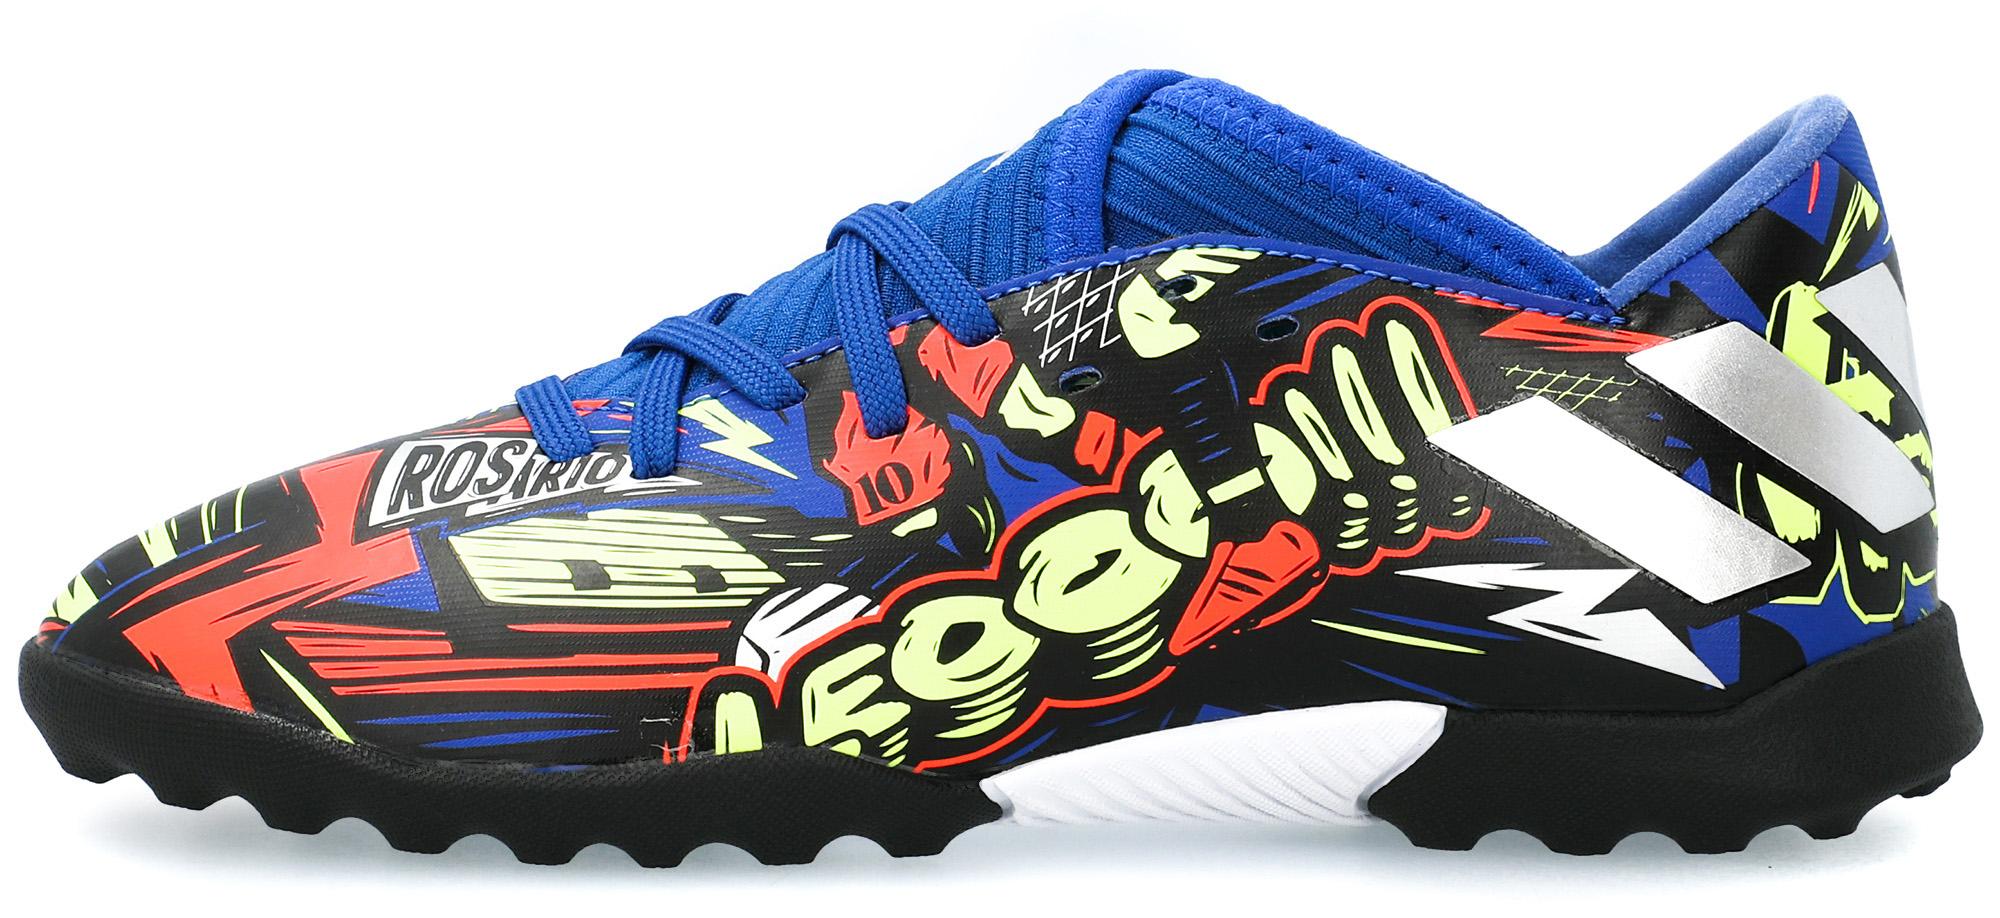 Adidas Бутсы для мальчиков adidas Nemeziz Messi 19.3 TF J, размер 35